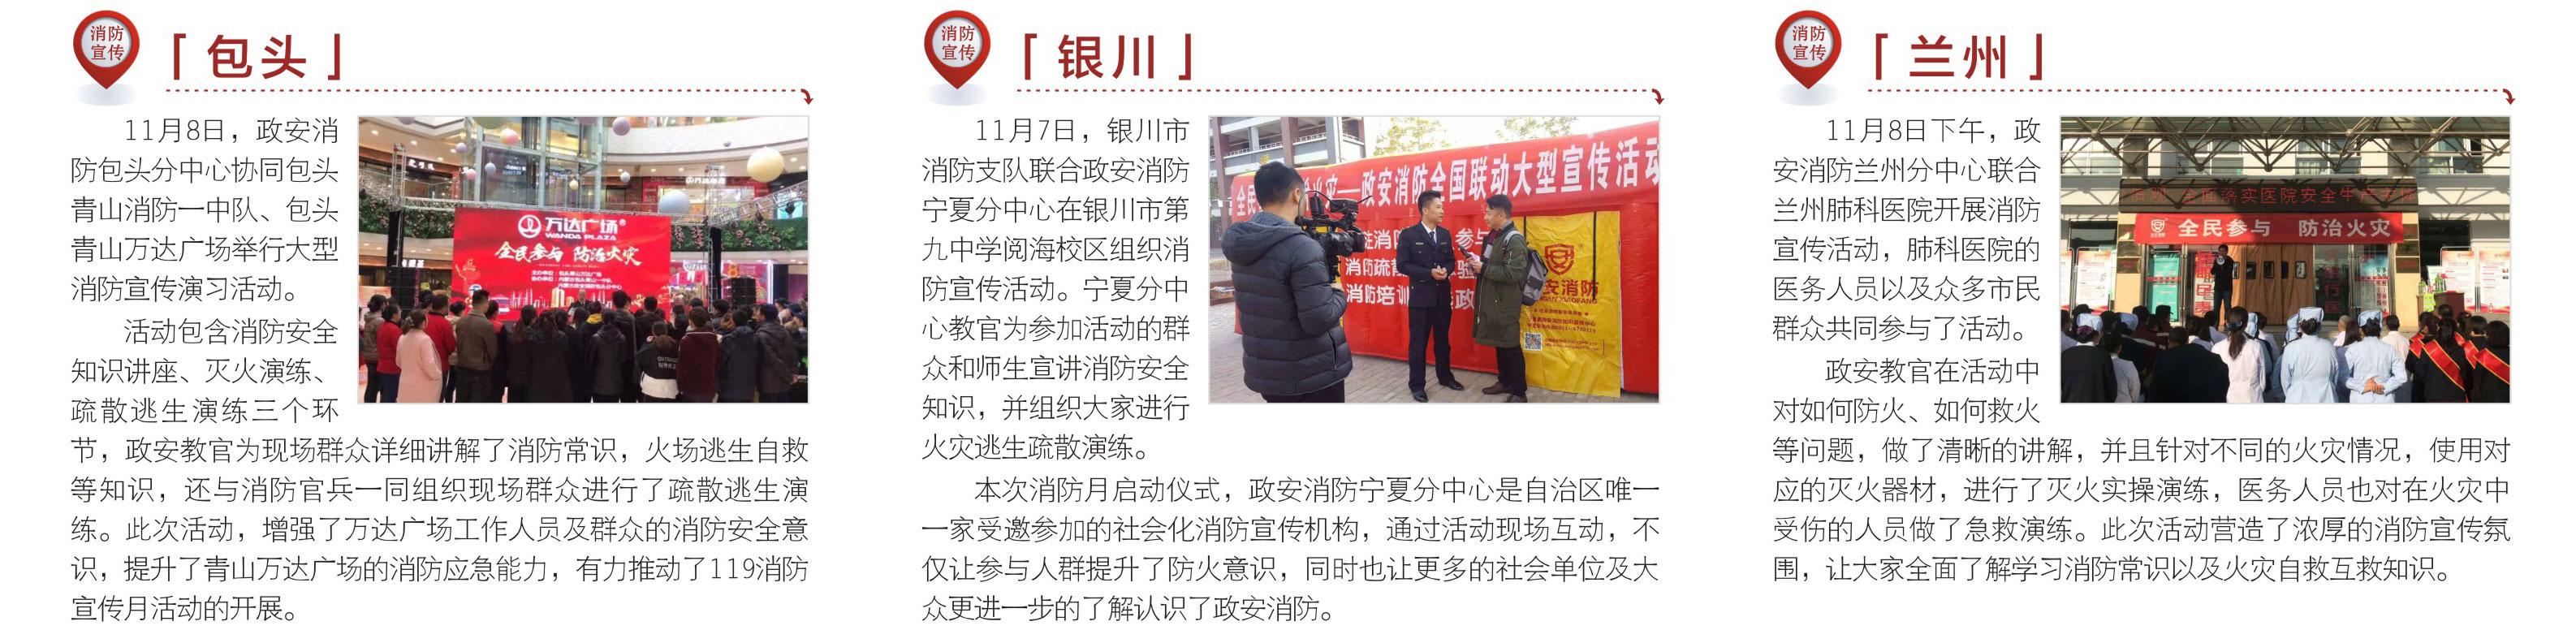 """全民参与 防治火灾 —— 政安消防2018年""""119消防宣传月""""活动精彩纷呈"""